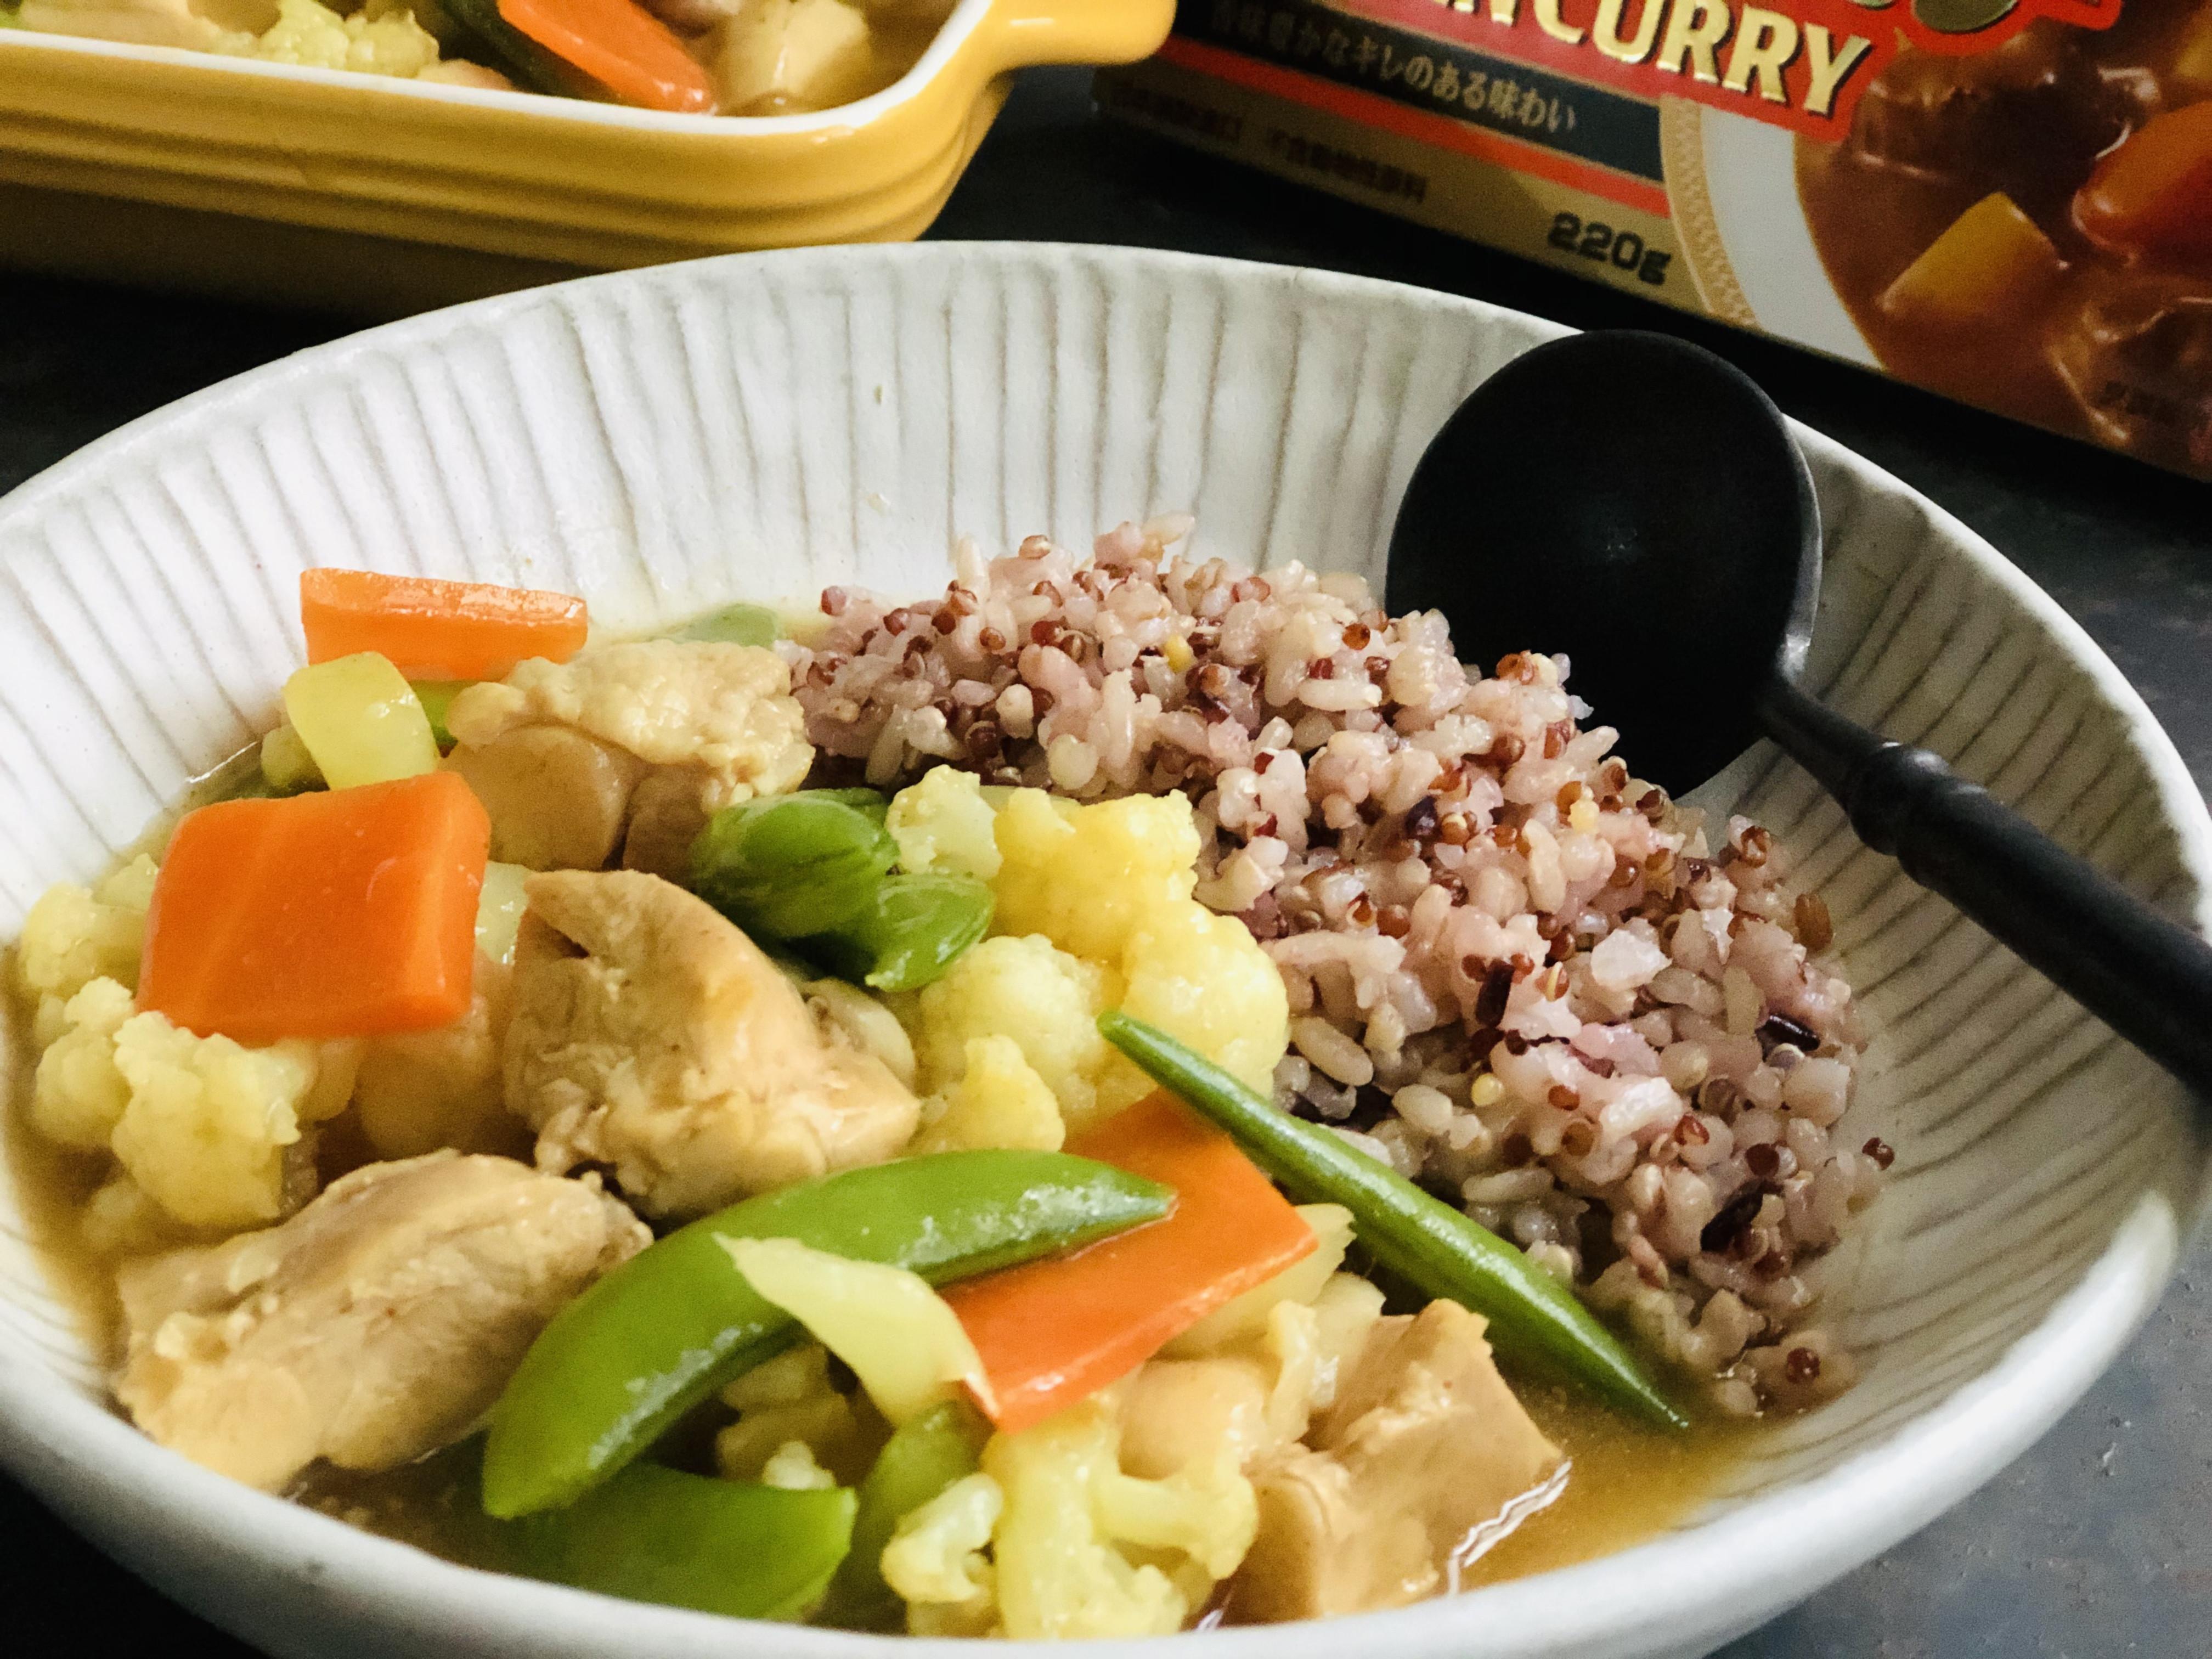 輕鬆料理的好幫手-晚餐缺這咖!開箱S&B金牌咖哩塊的第 8 張圖片